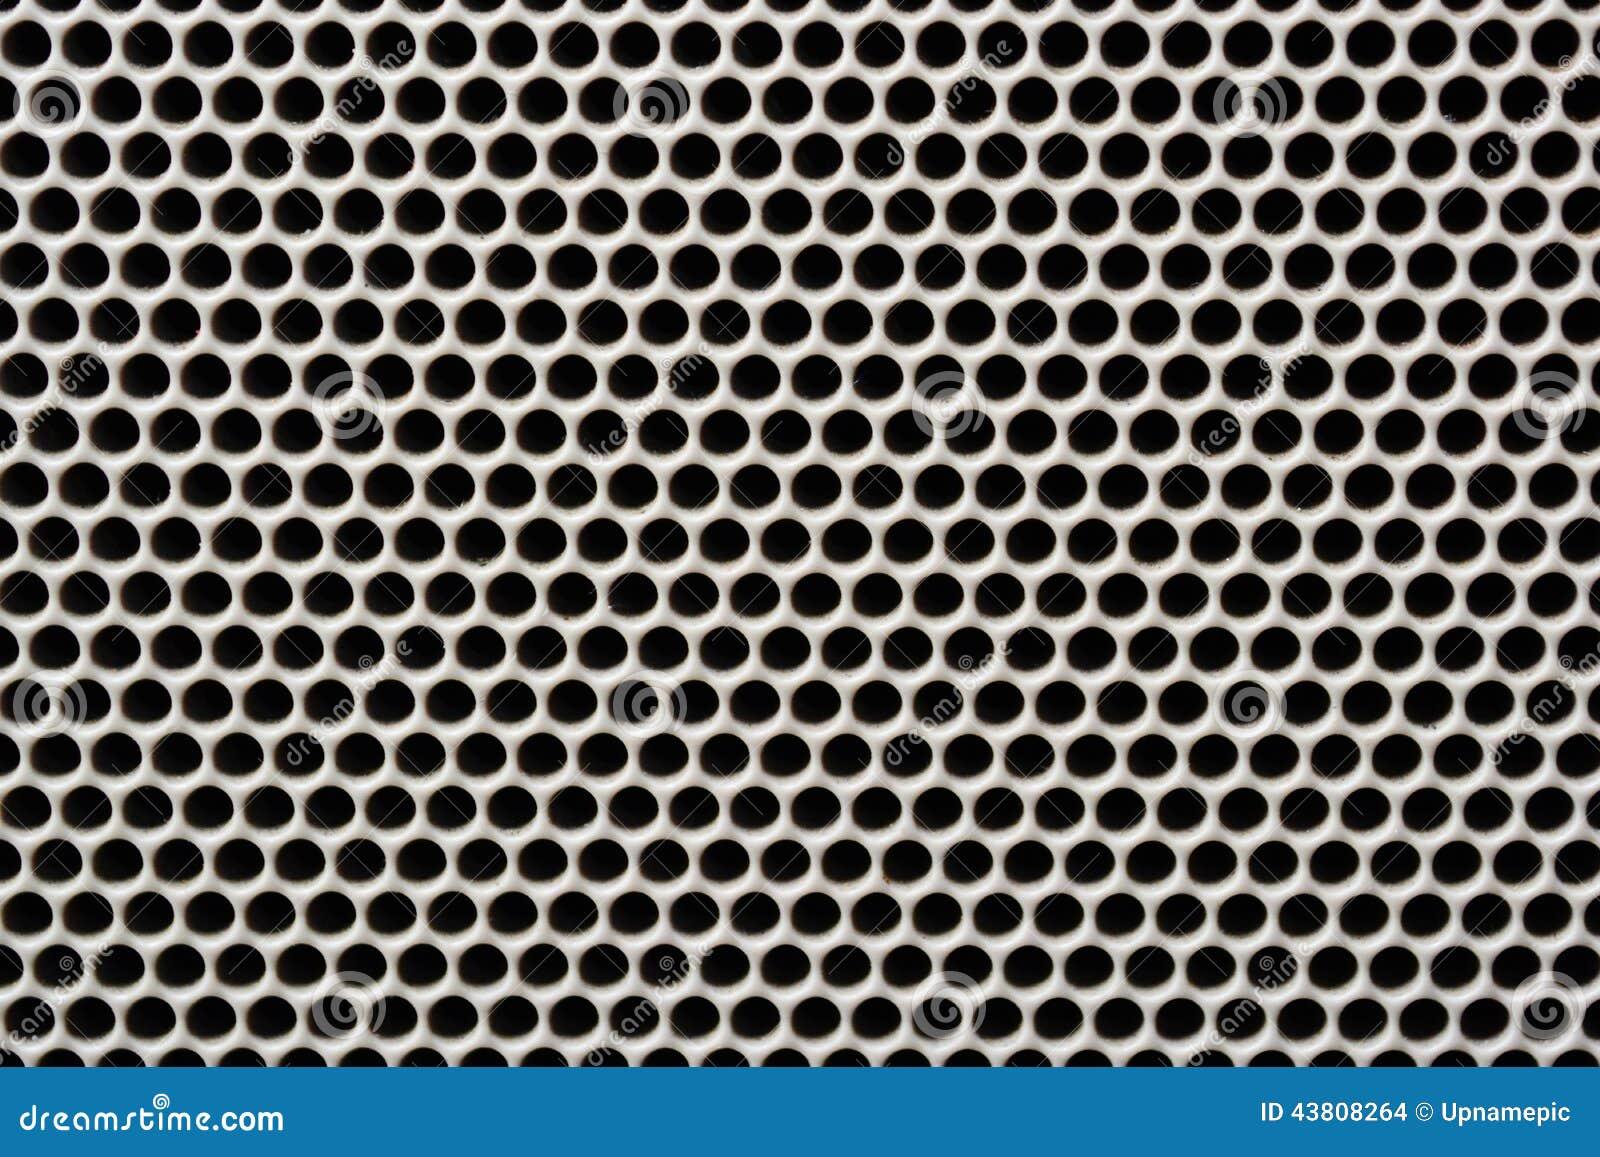 fond sans couture de grille de haut parleur de fer de texture photo stock image 43808264. Black Bedroom Furniture Sets. Home Design Ideas